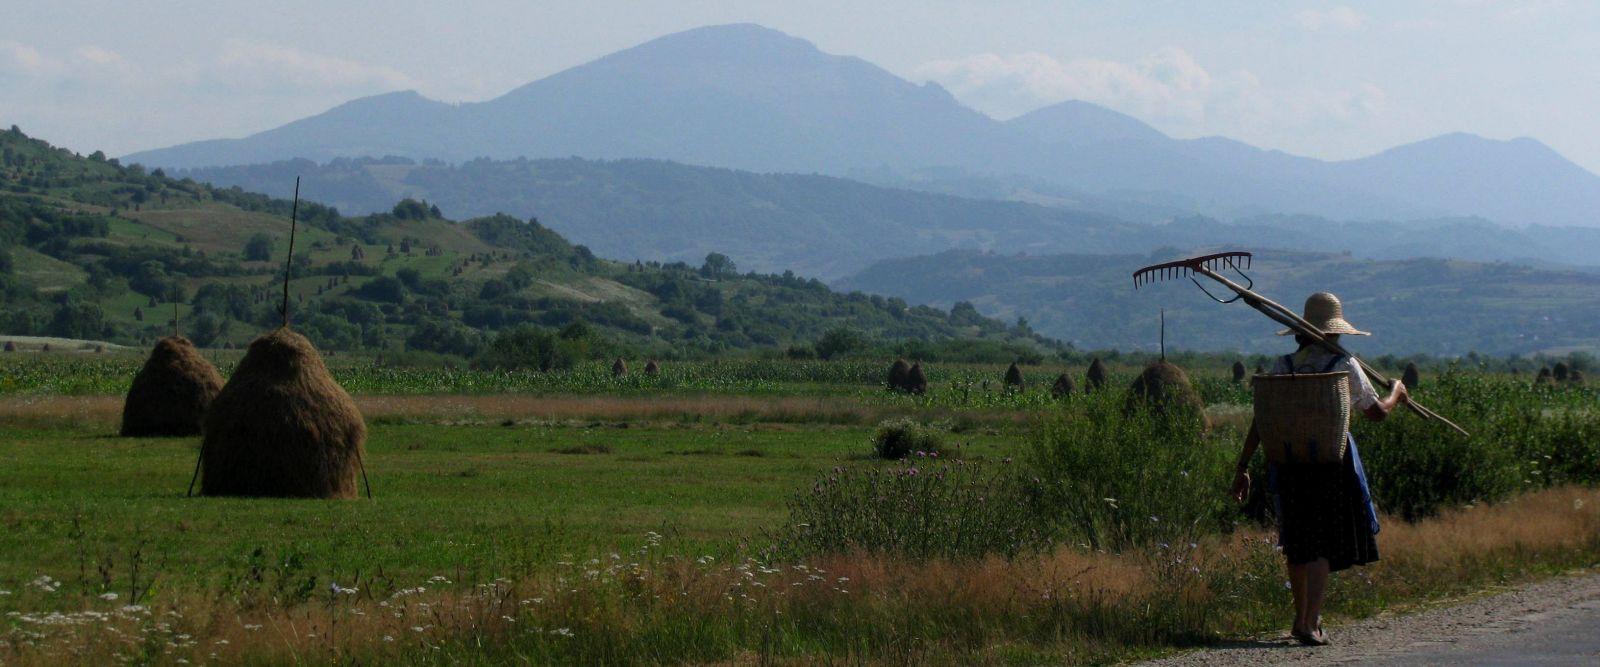 Roumanie randonnée